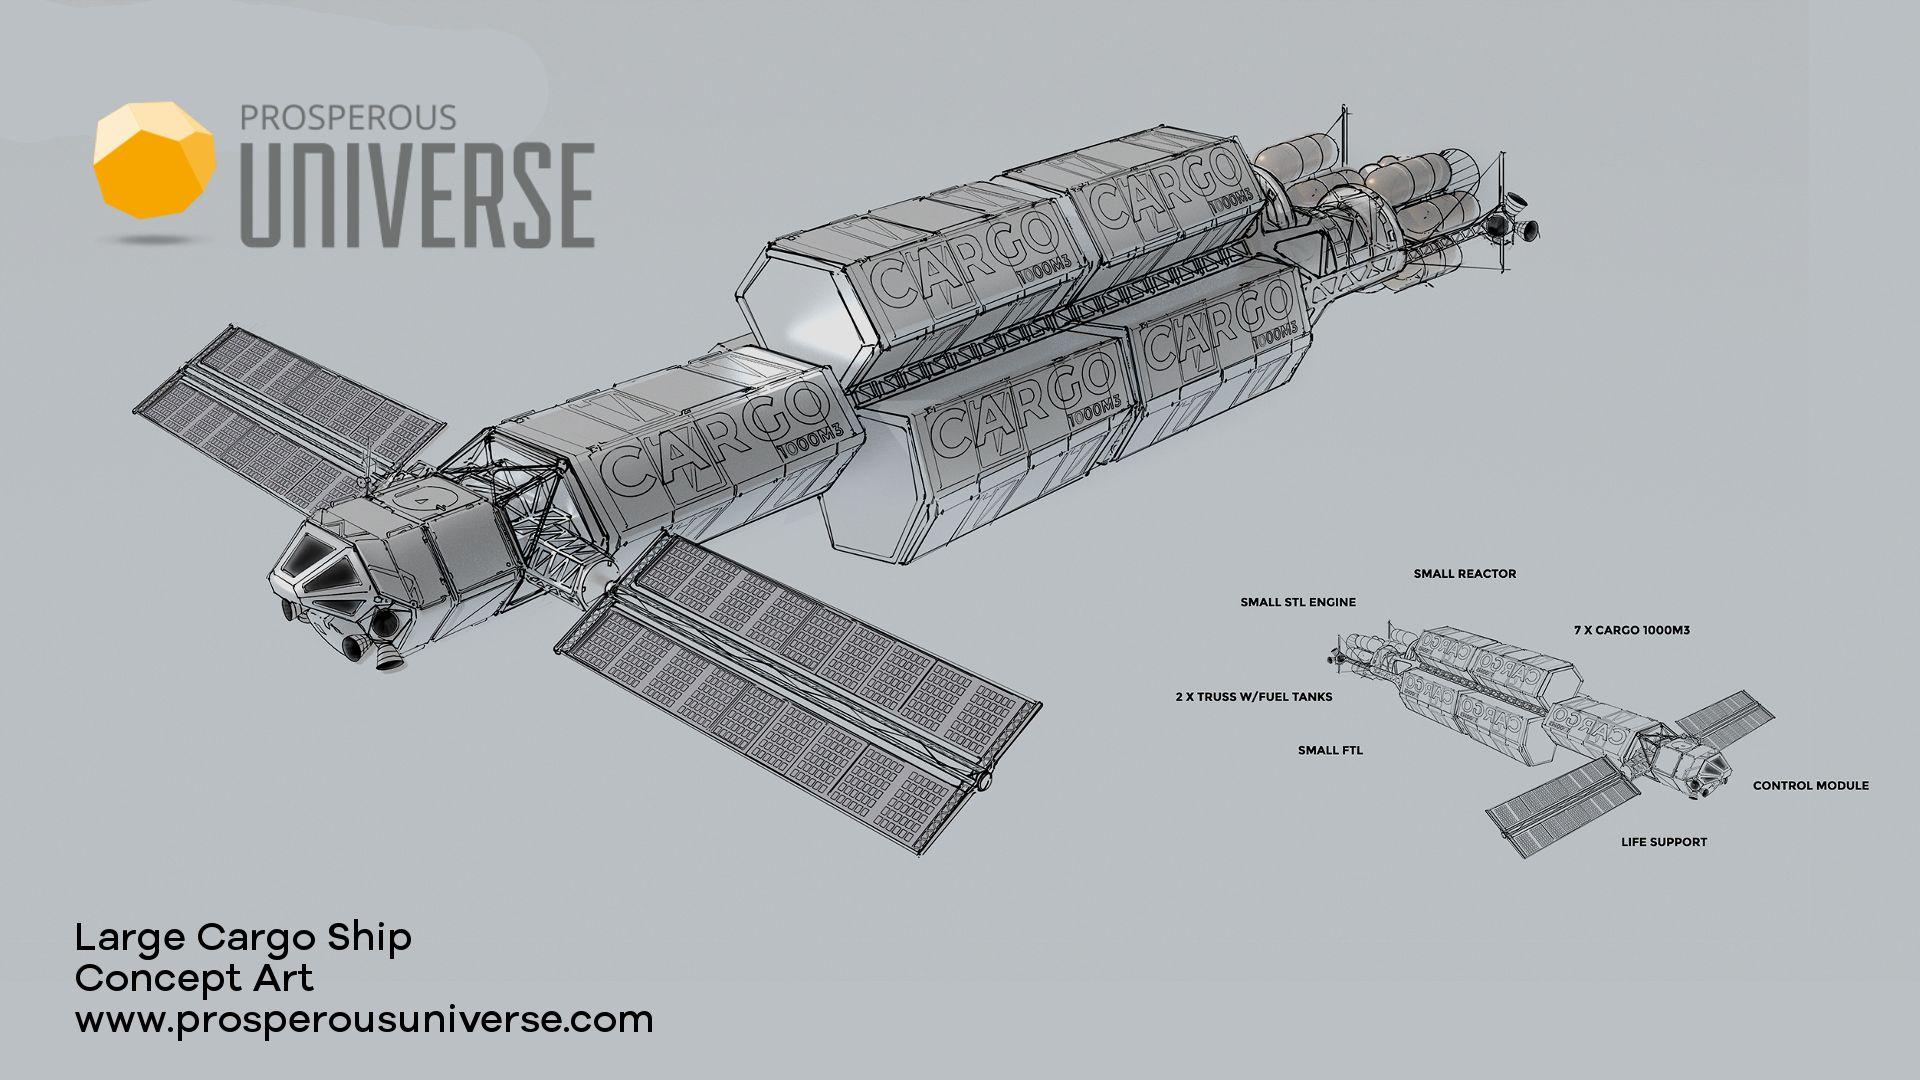 Cjr6VfUWkAEi6D2 large prosperous universe on twitter \